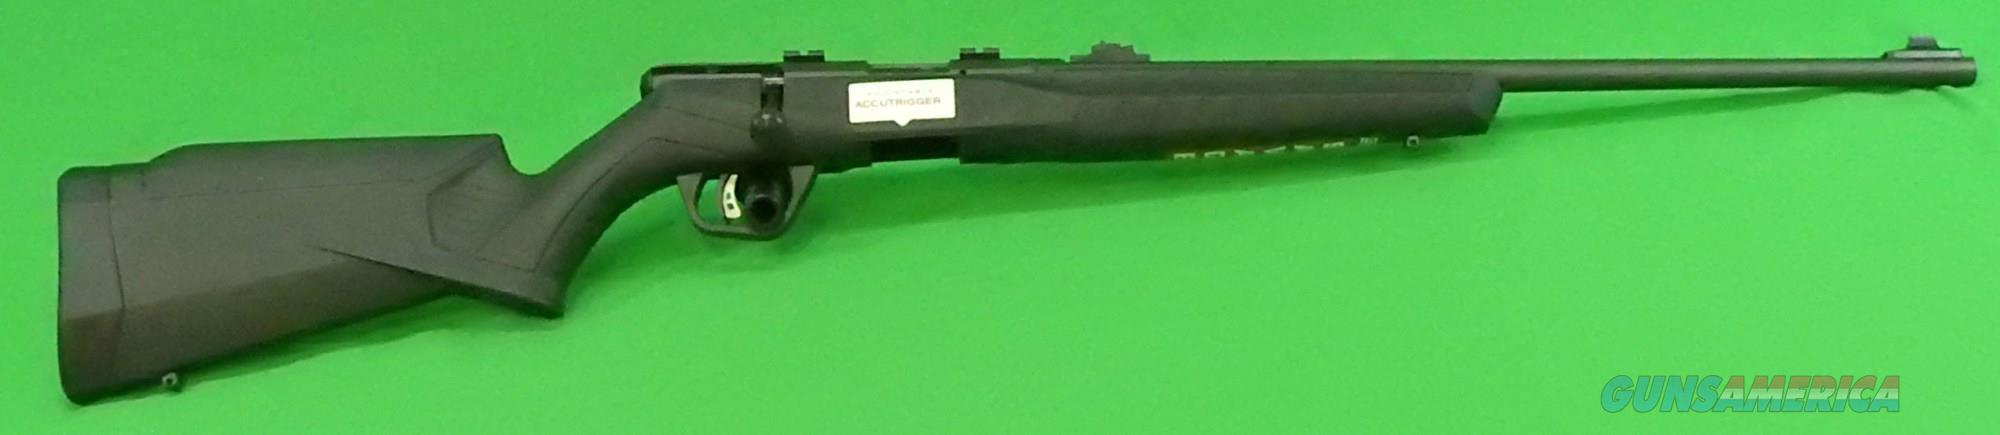 B22 F Black Syn 22 LR 21In  70200  Guns